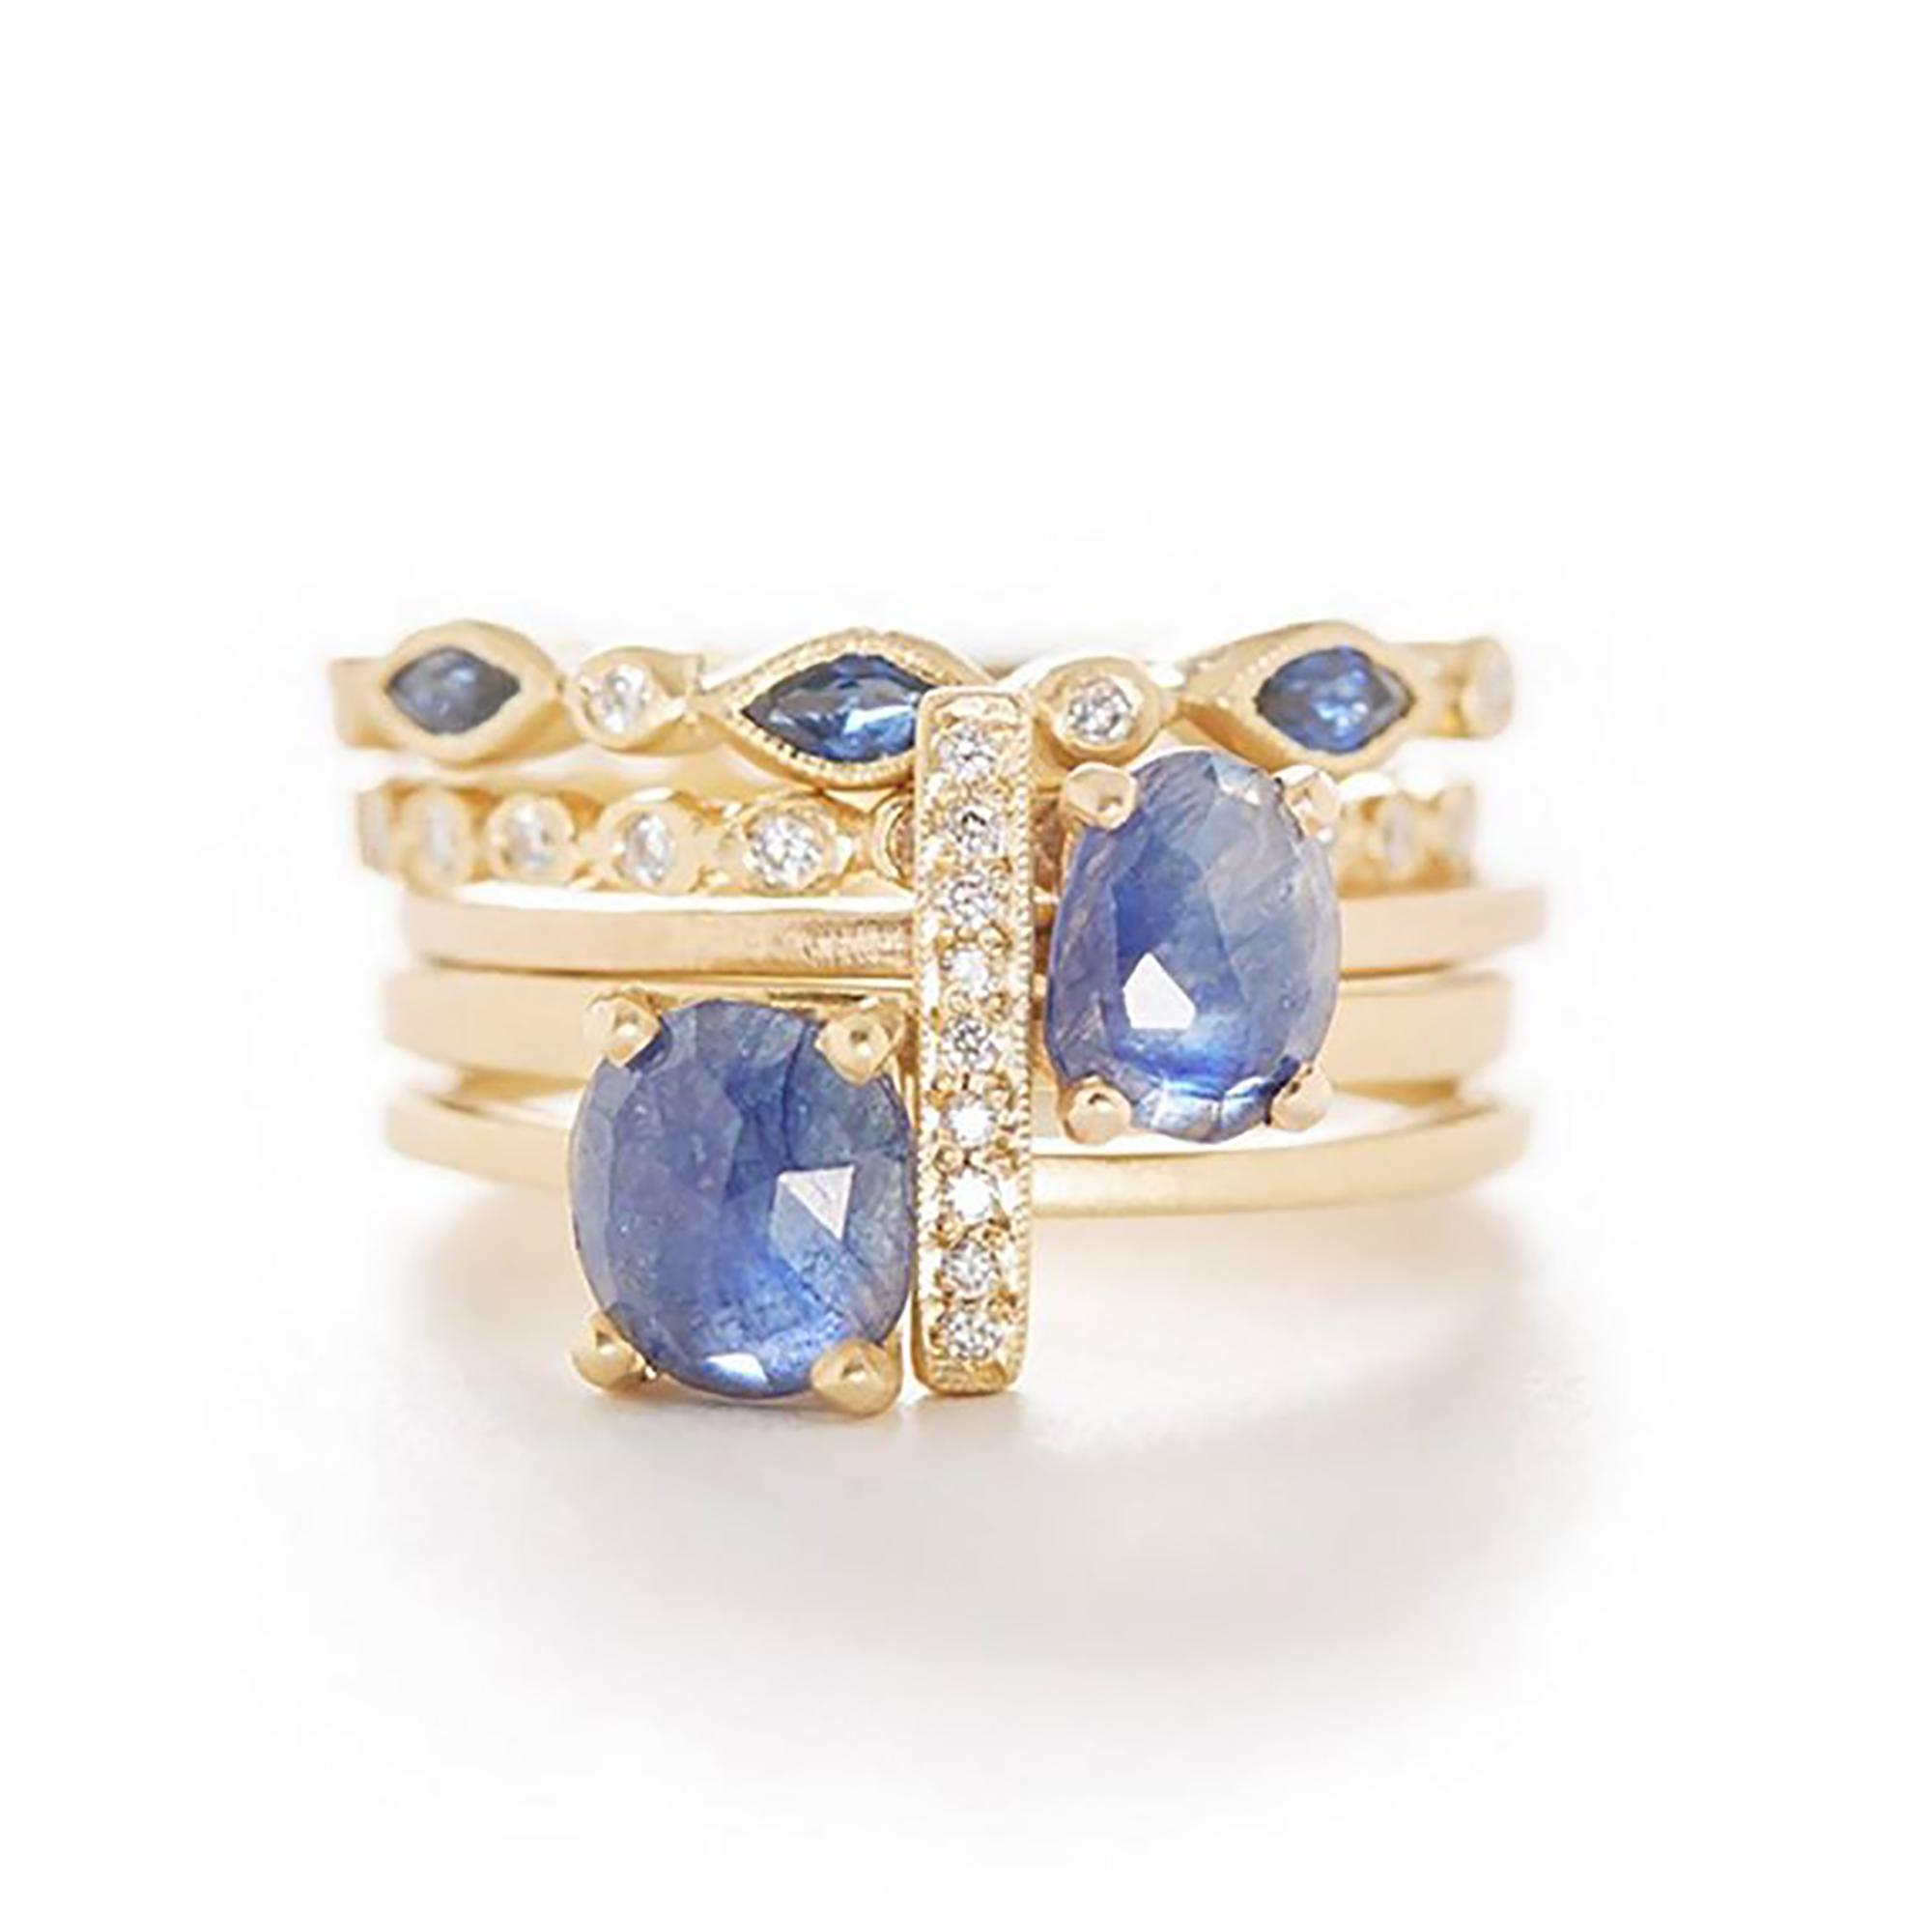 JenniferDawes-ring-5.jpg